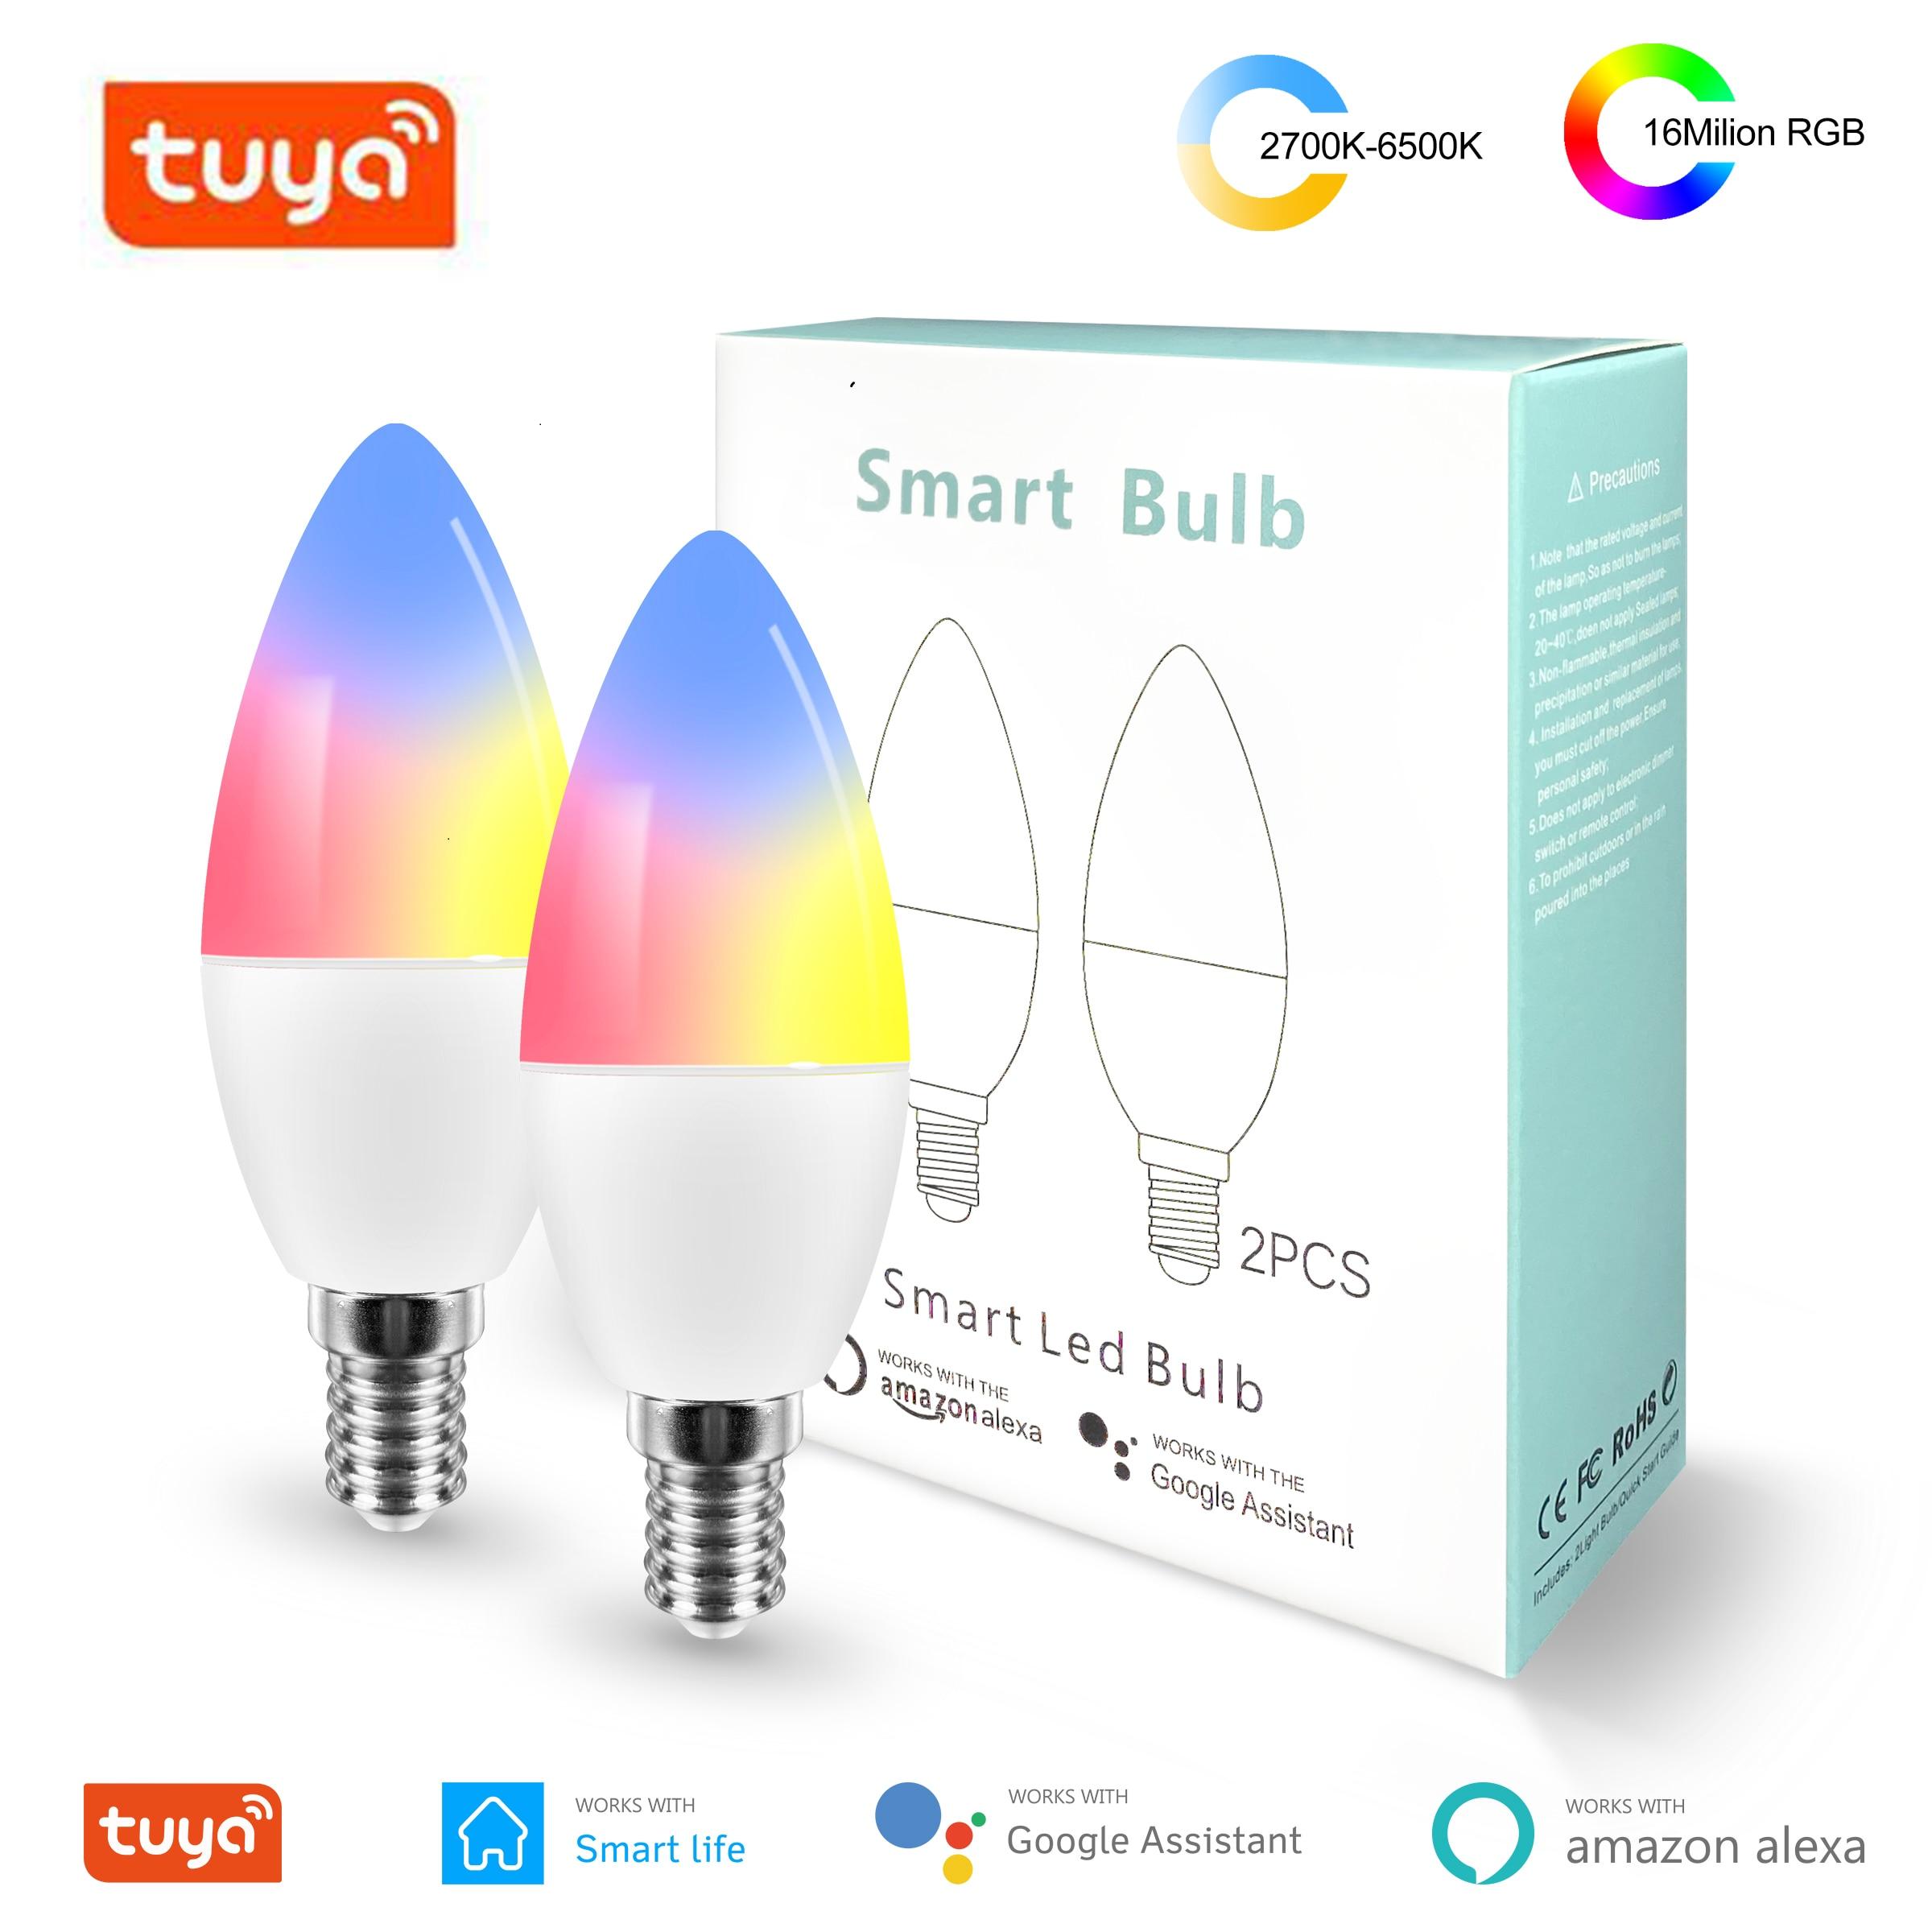 جديد تويا الذكية Wifi LED لمبة E14 ، RGB عكس الضوء ضوء لمبة العمل مع اليكسا صدى جوجل المنزل مساعد ، لا محور المطلوبة ، 2 حزم